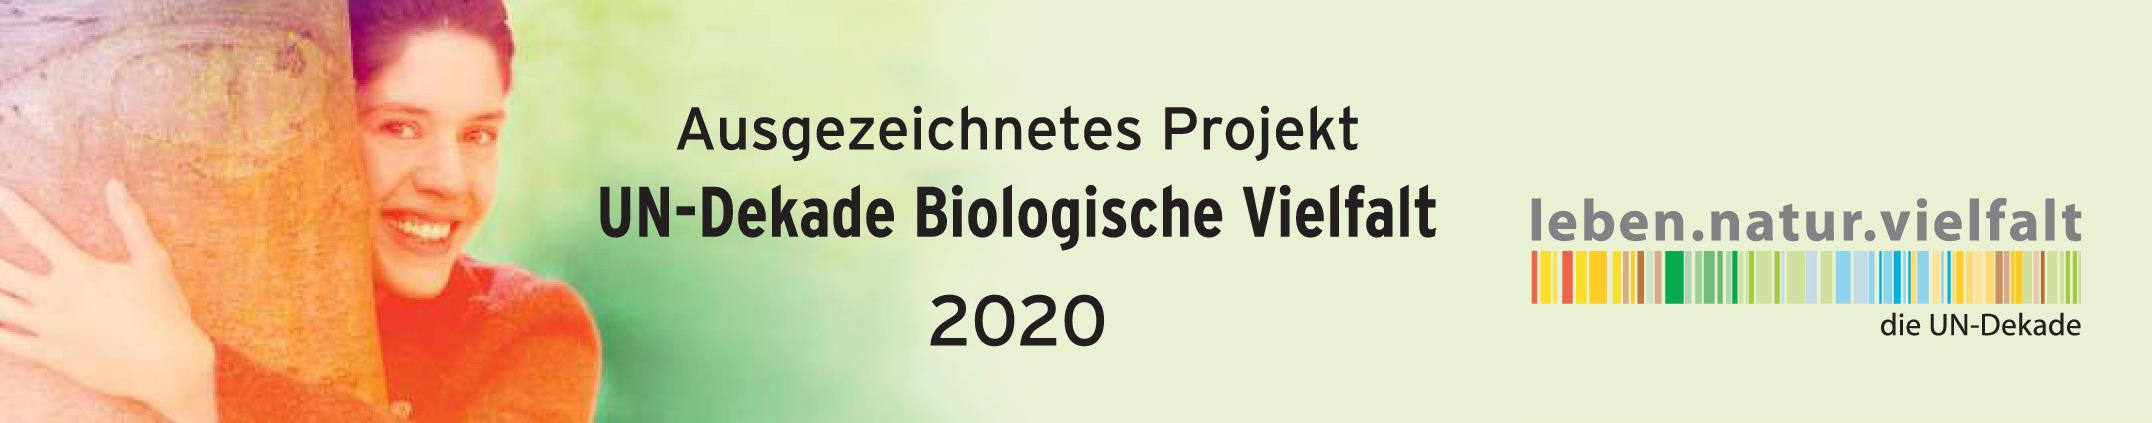 Auf dem Bild ist das Banner der Auszeichnung als Projekt innerhalb der UN-Dekade Biologische Vielfalt 2020 zu sehen